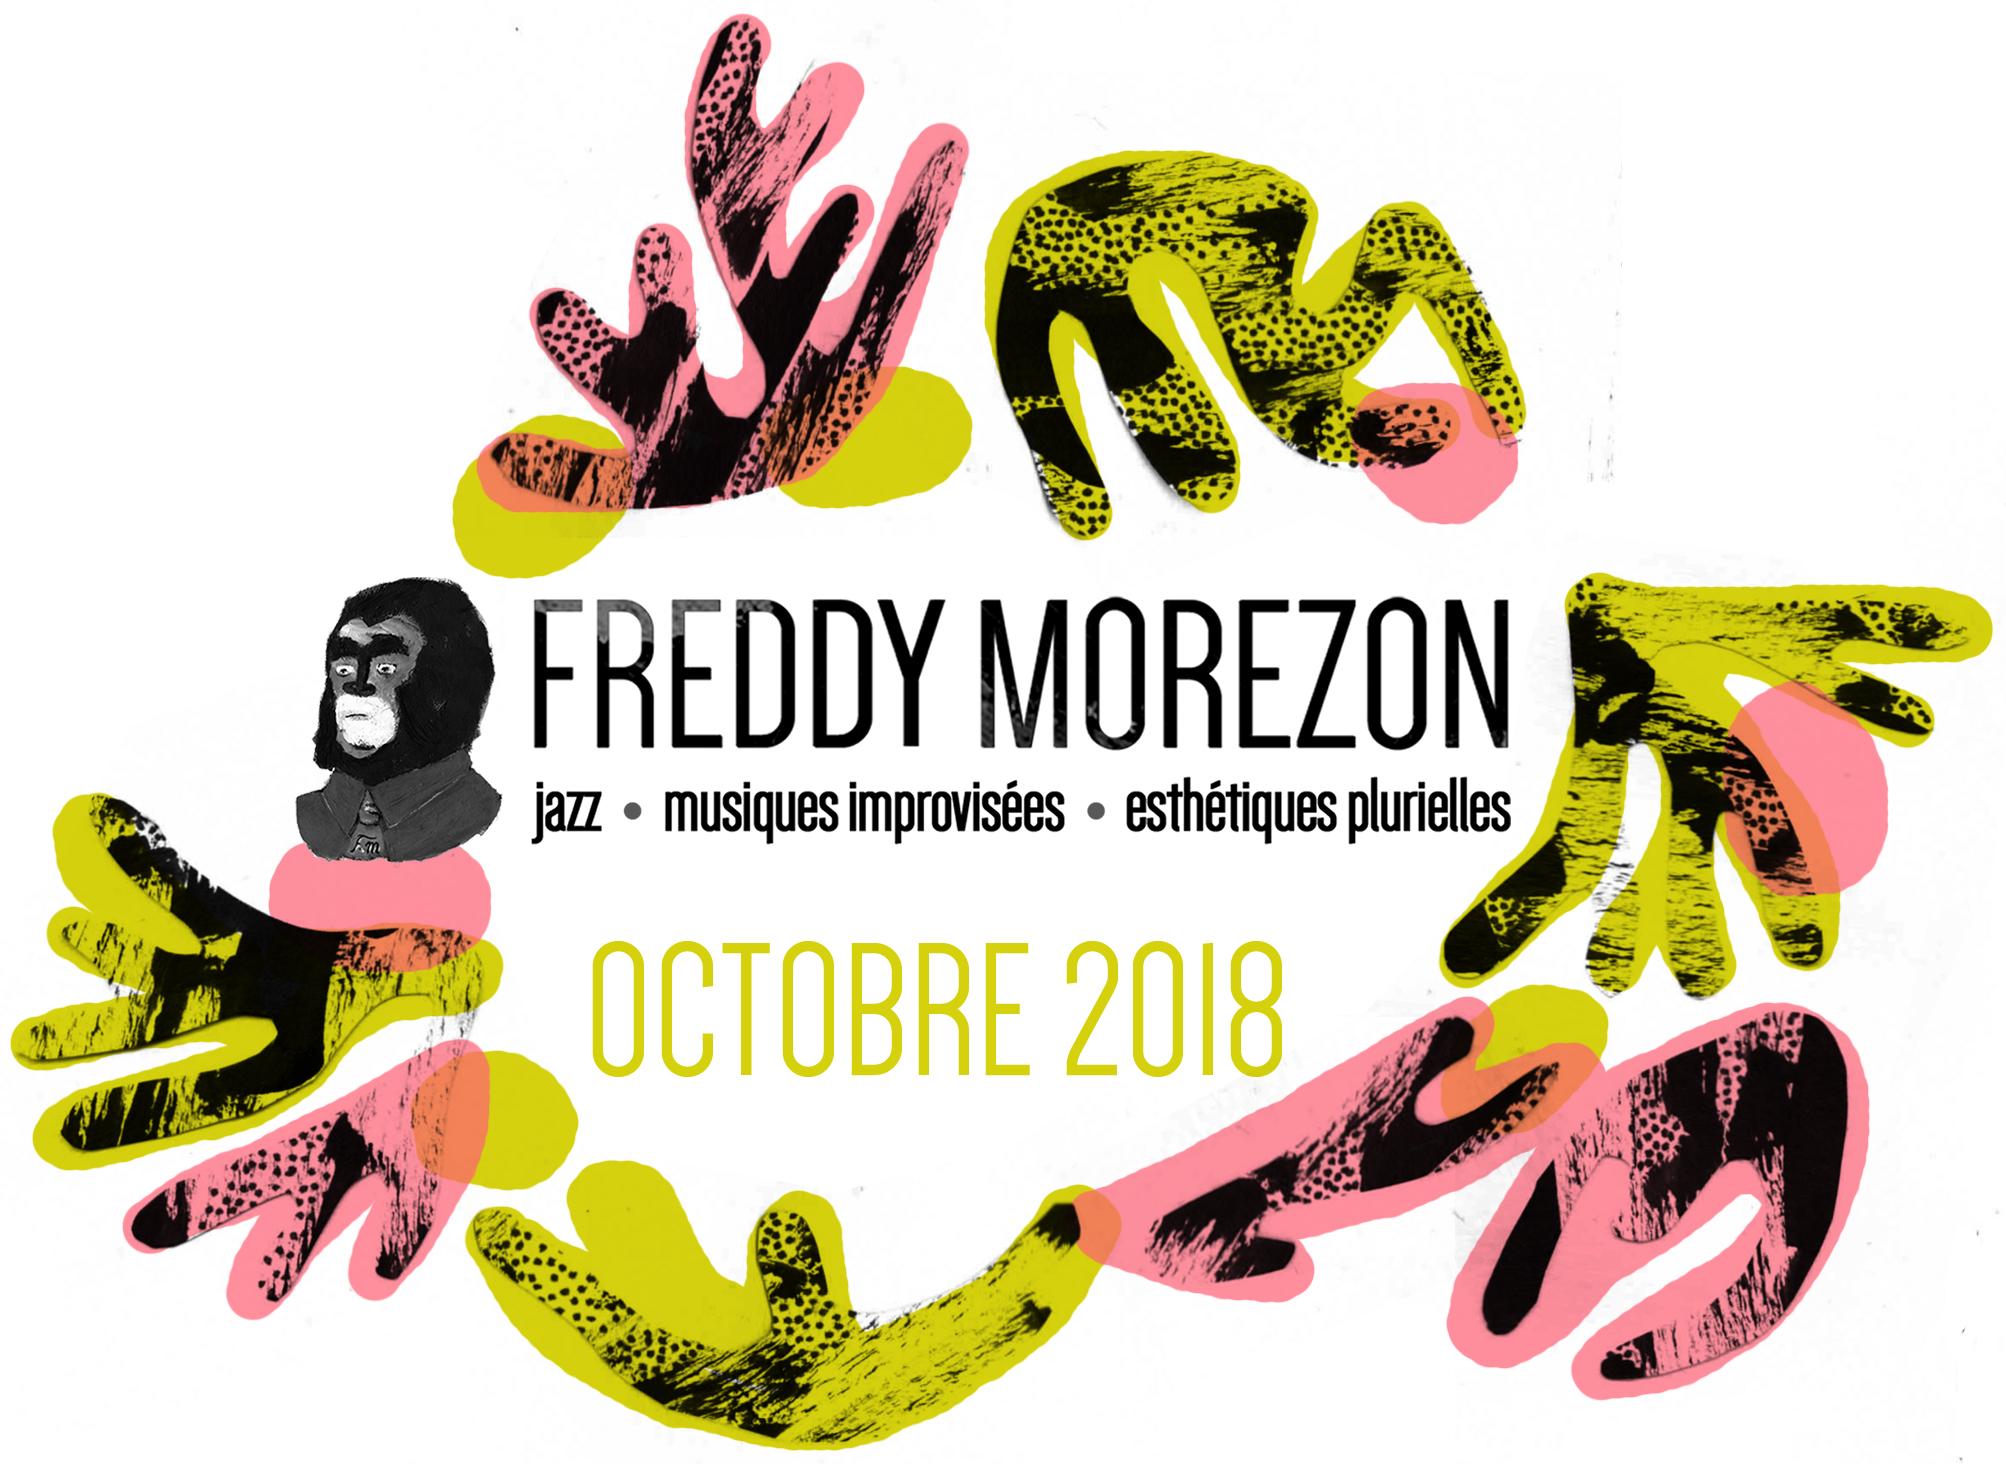 Freddy Morezon - Newsletter octobre 2018